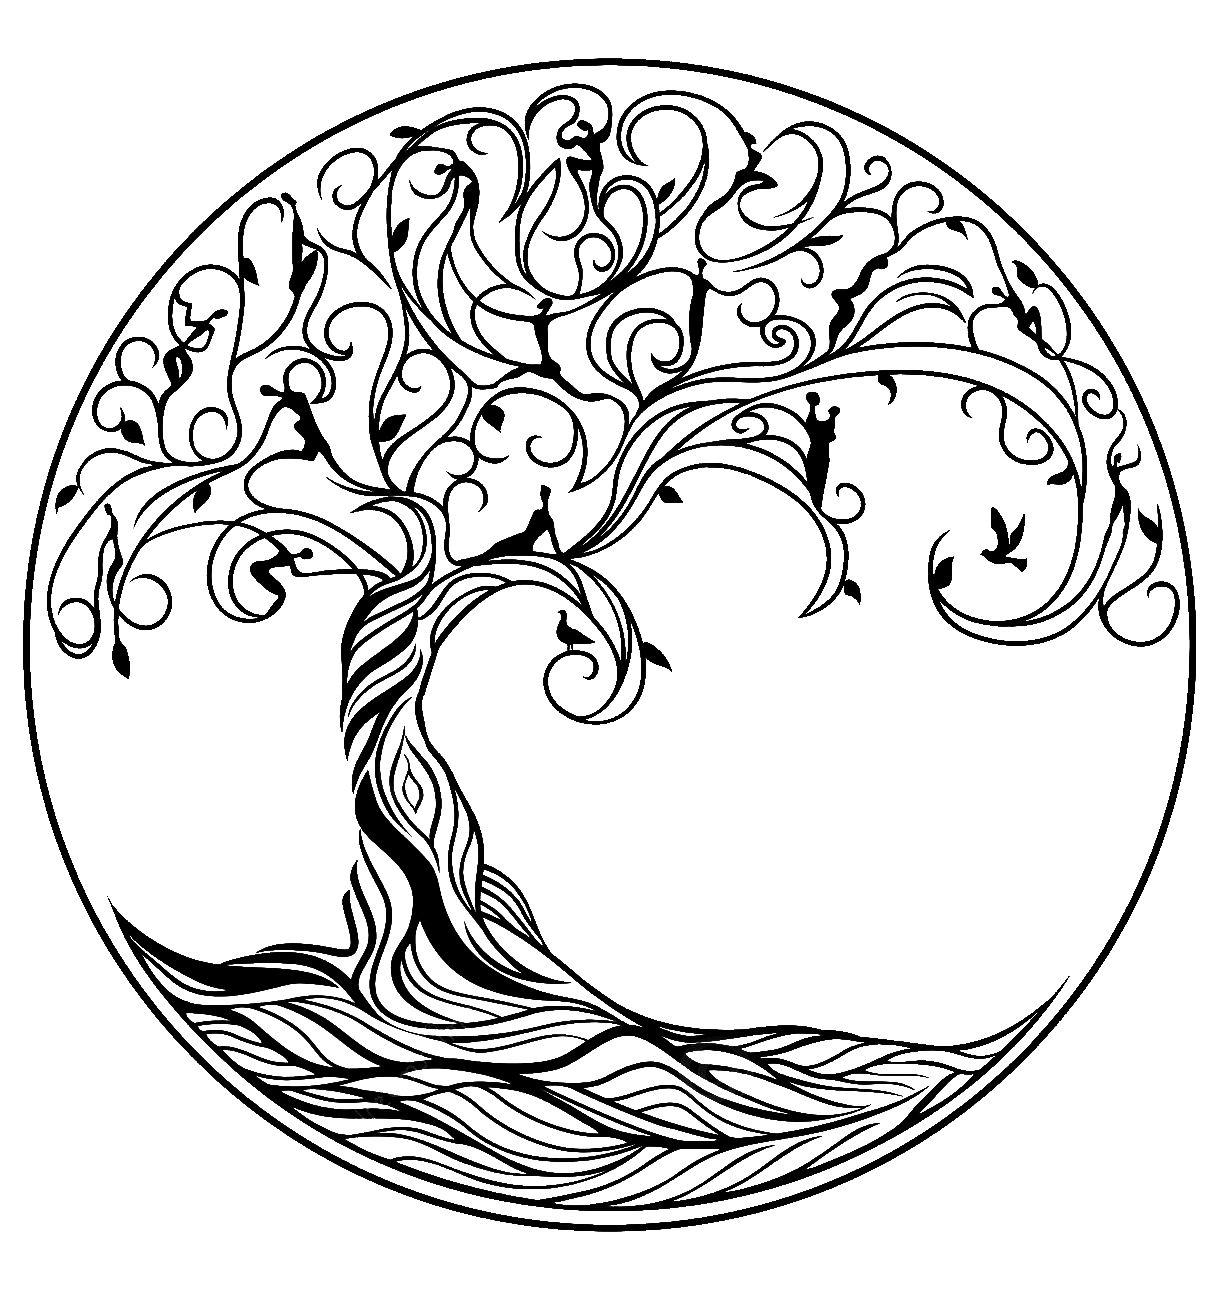 Arbol para colorear | tatoos | Pinterest | Colorear, El arbol y Símbolos